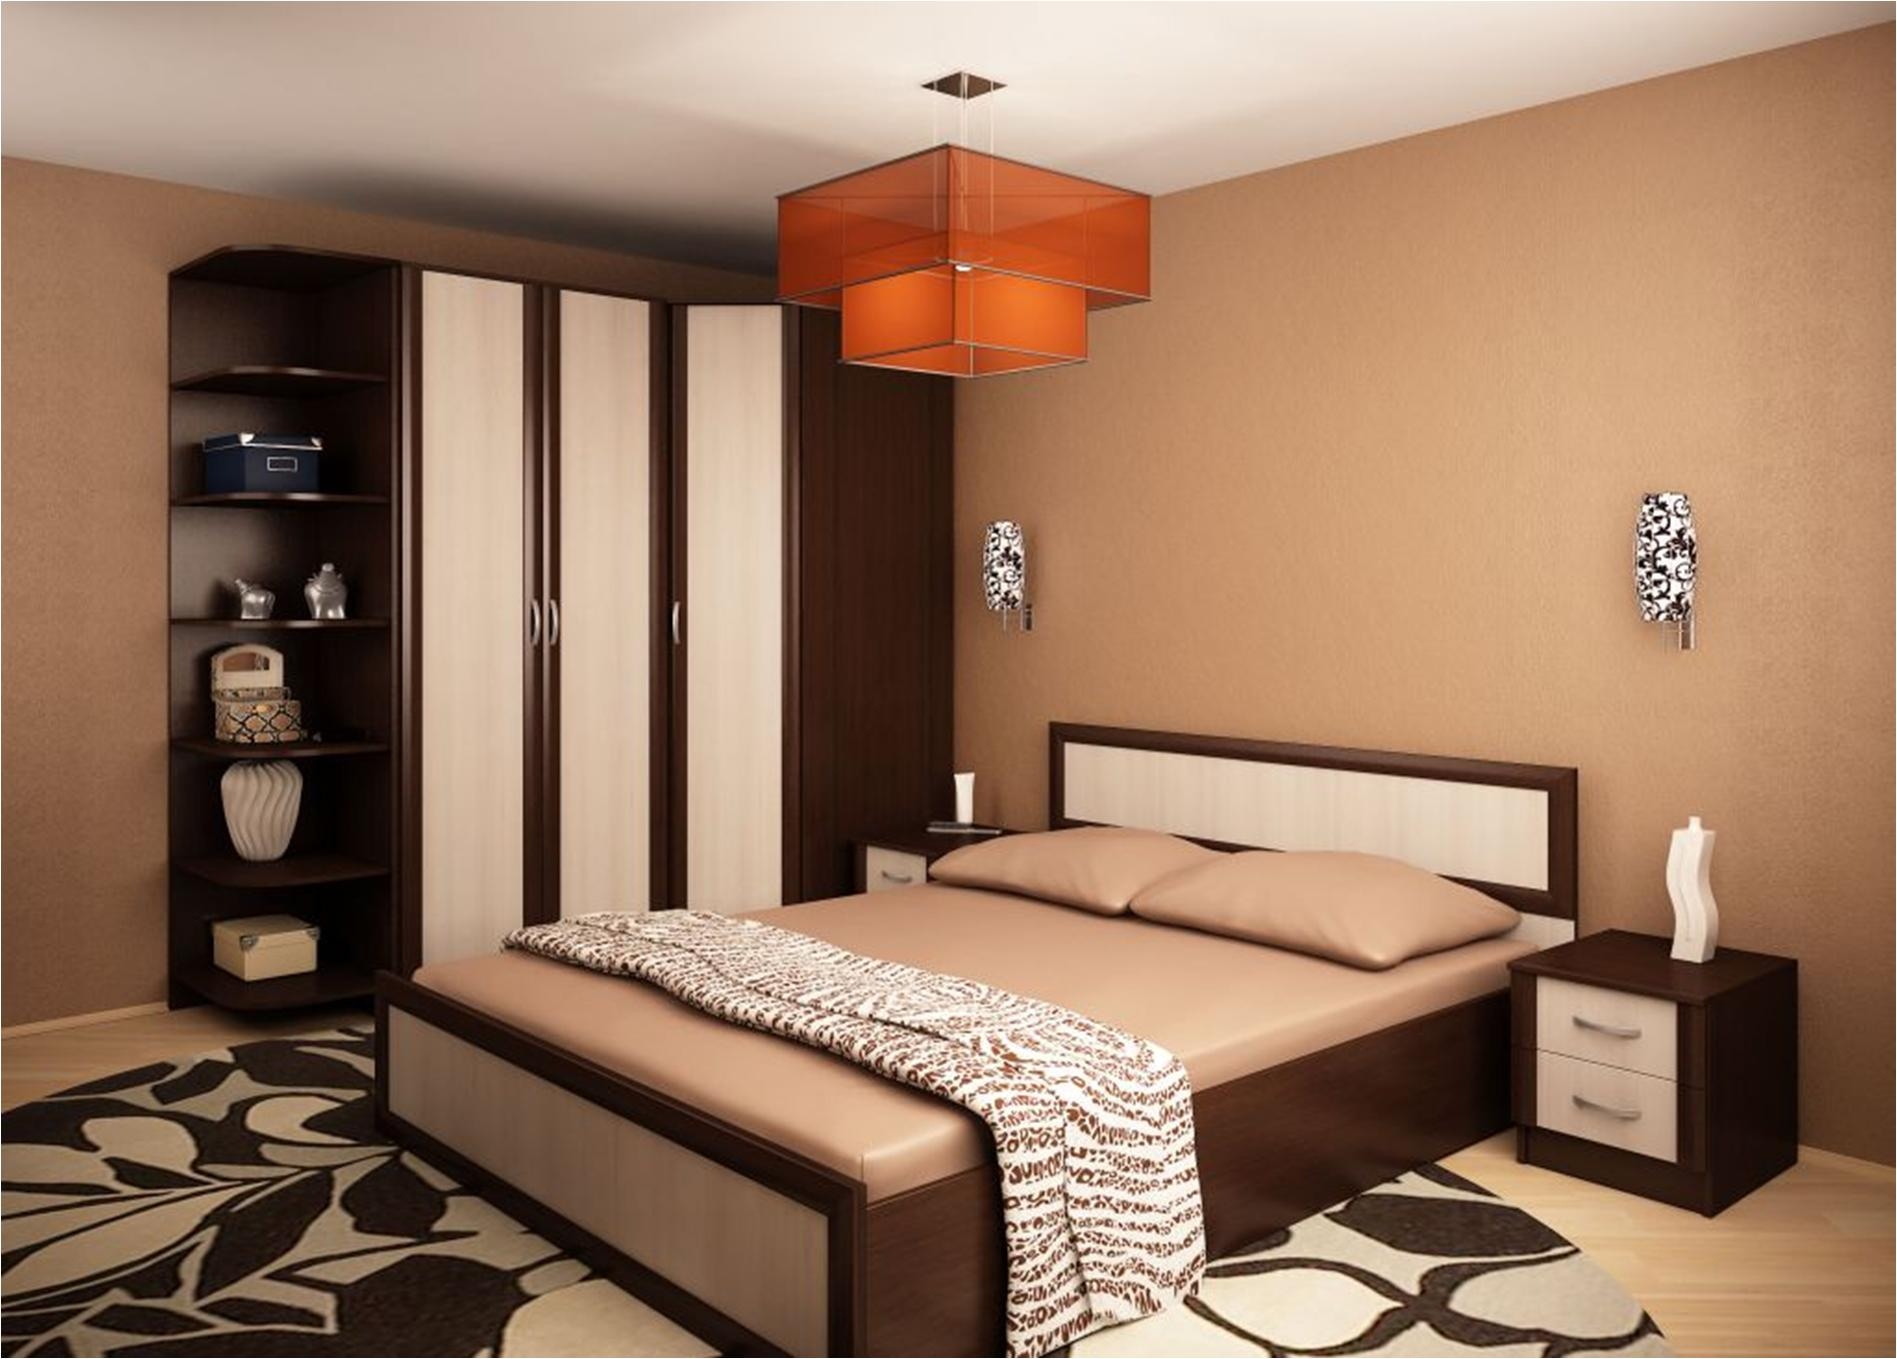 Спальня александрия лд-625-060м корпус шкафа углового, любим.